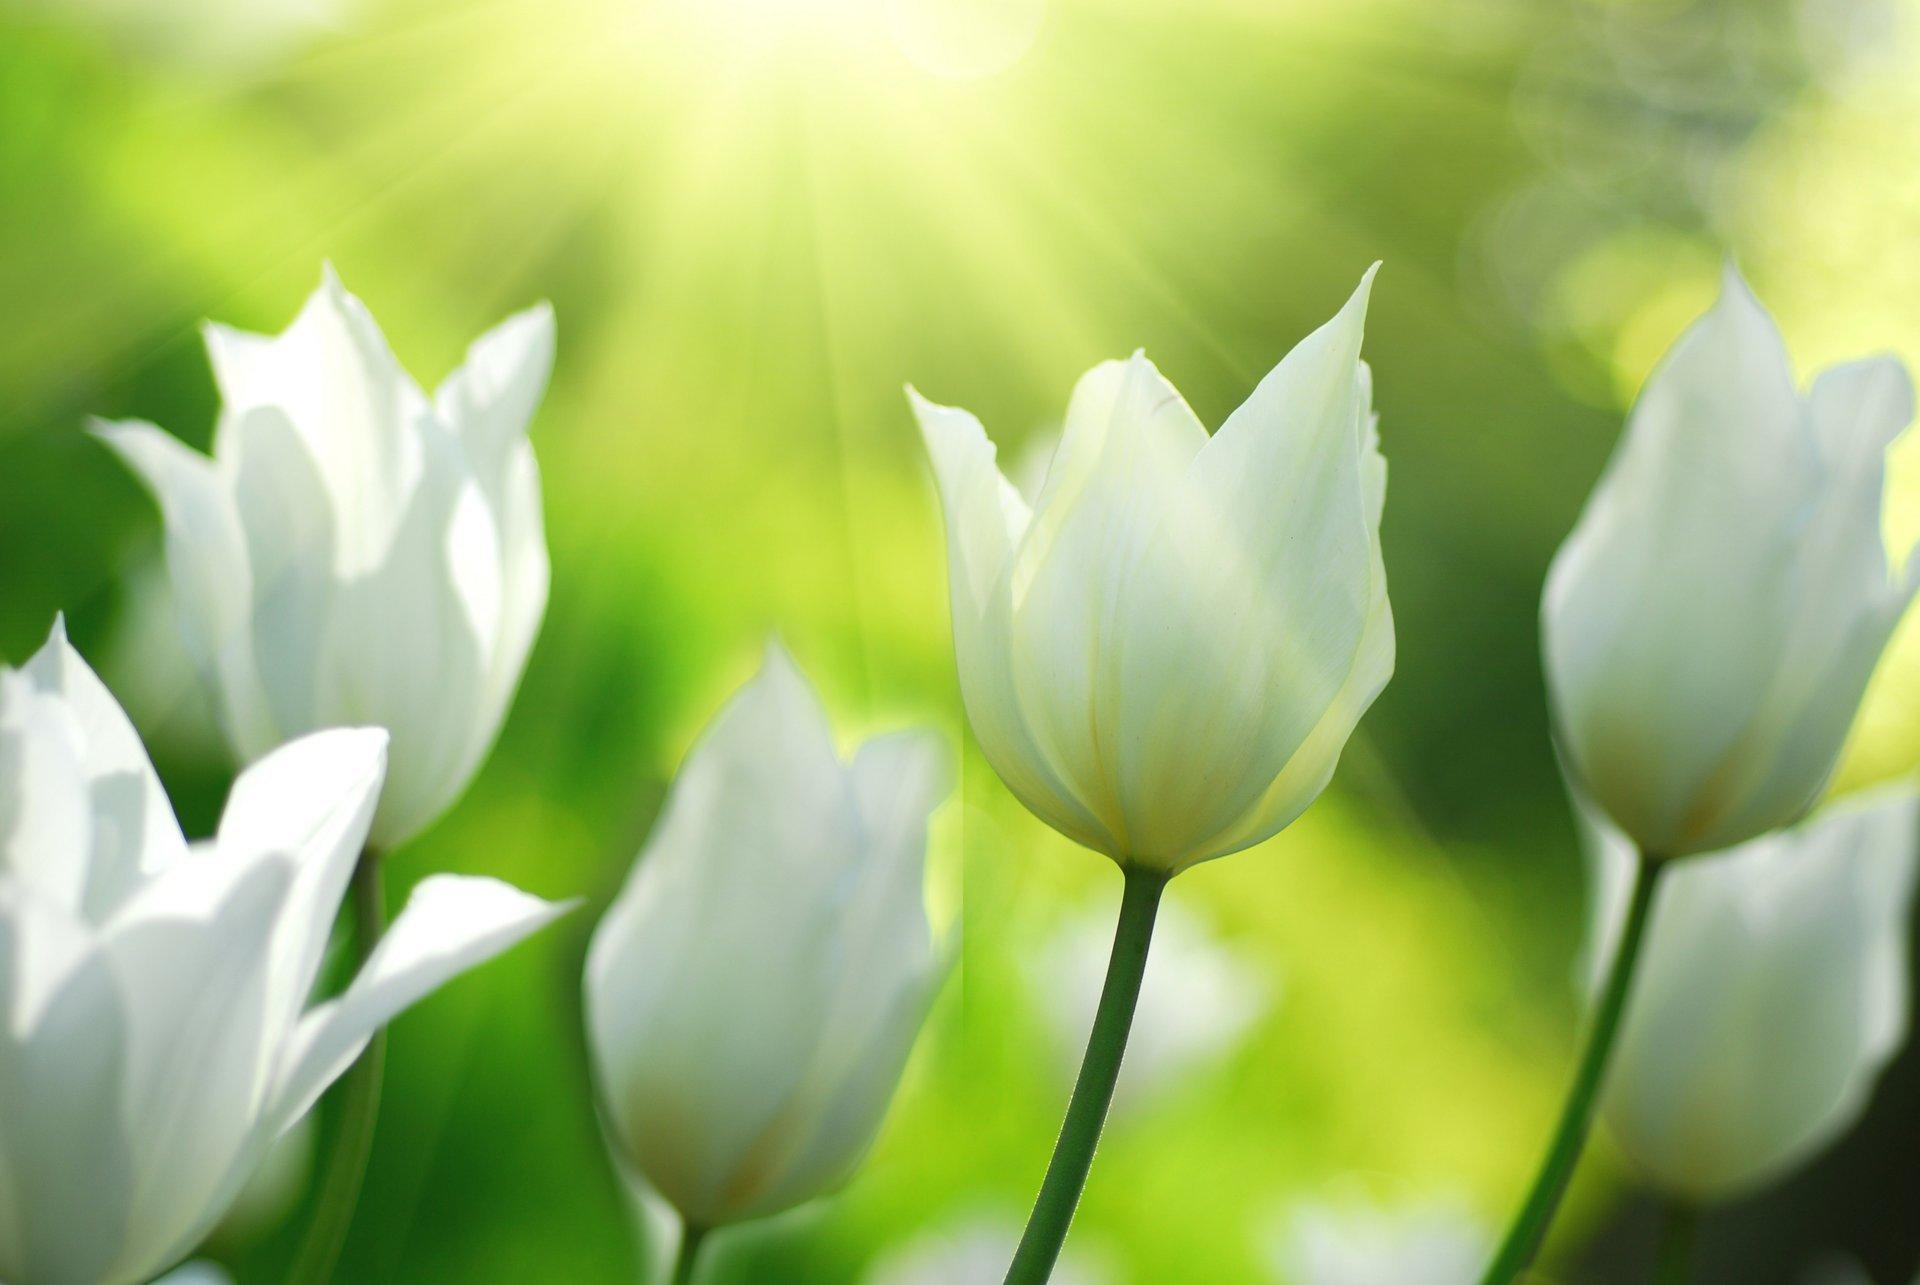 белые цветы на зеленом фоне фото высокого разрешения этого